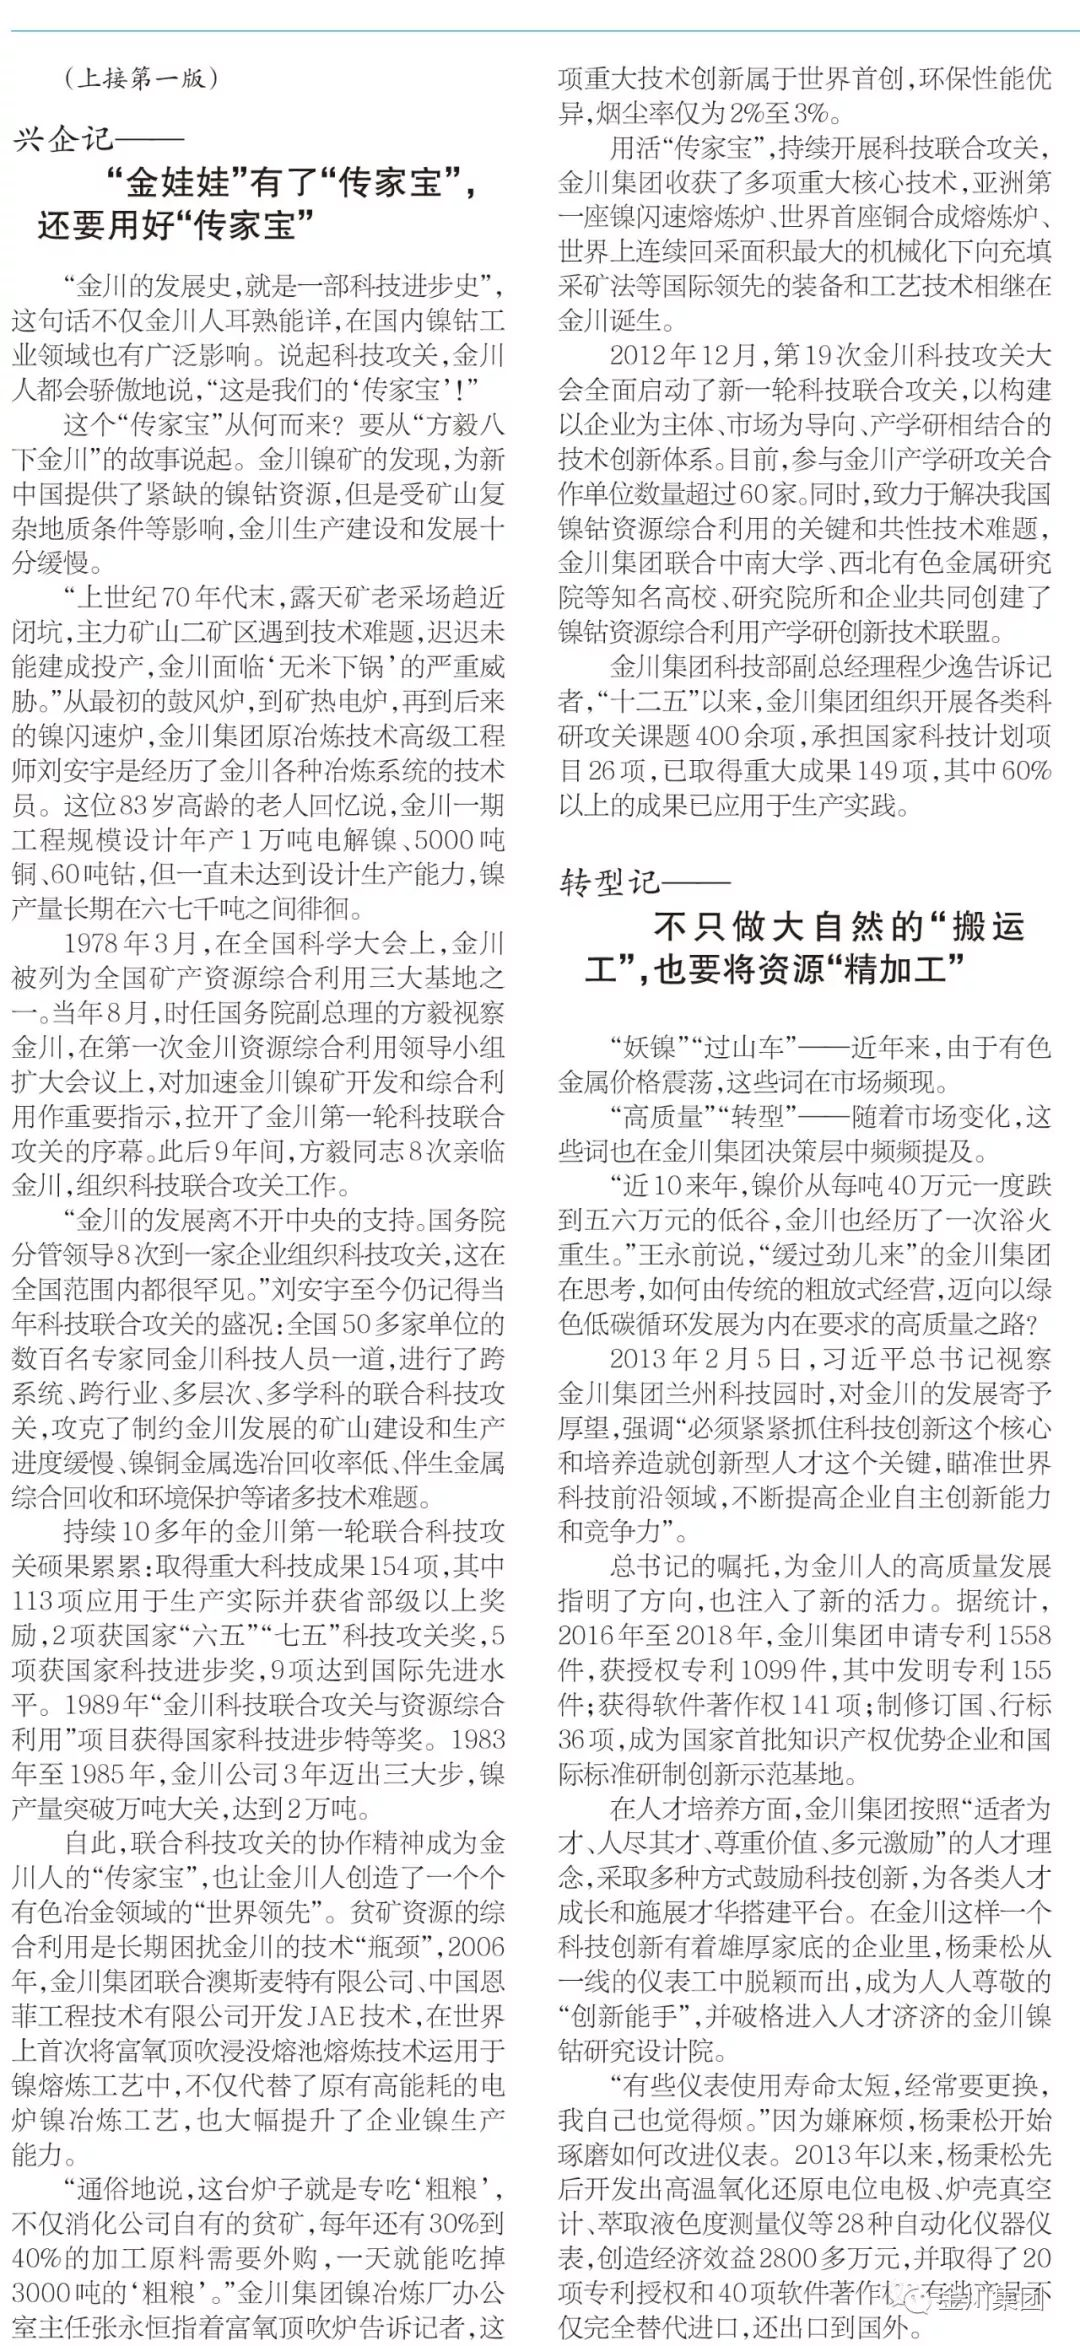 【域外媒体看金昌】《经济日报》头版头条刊发